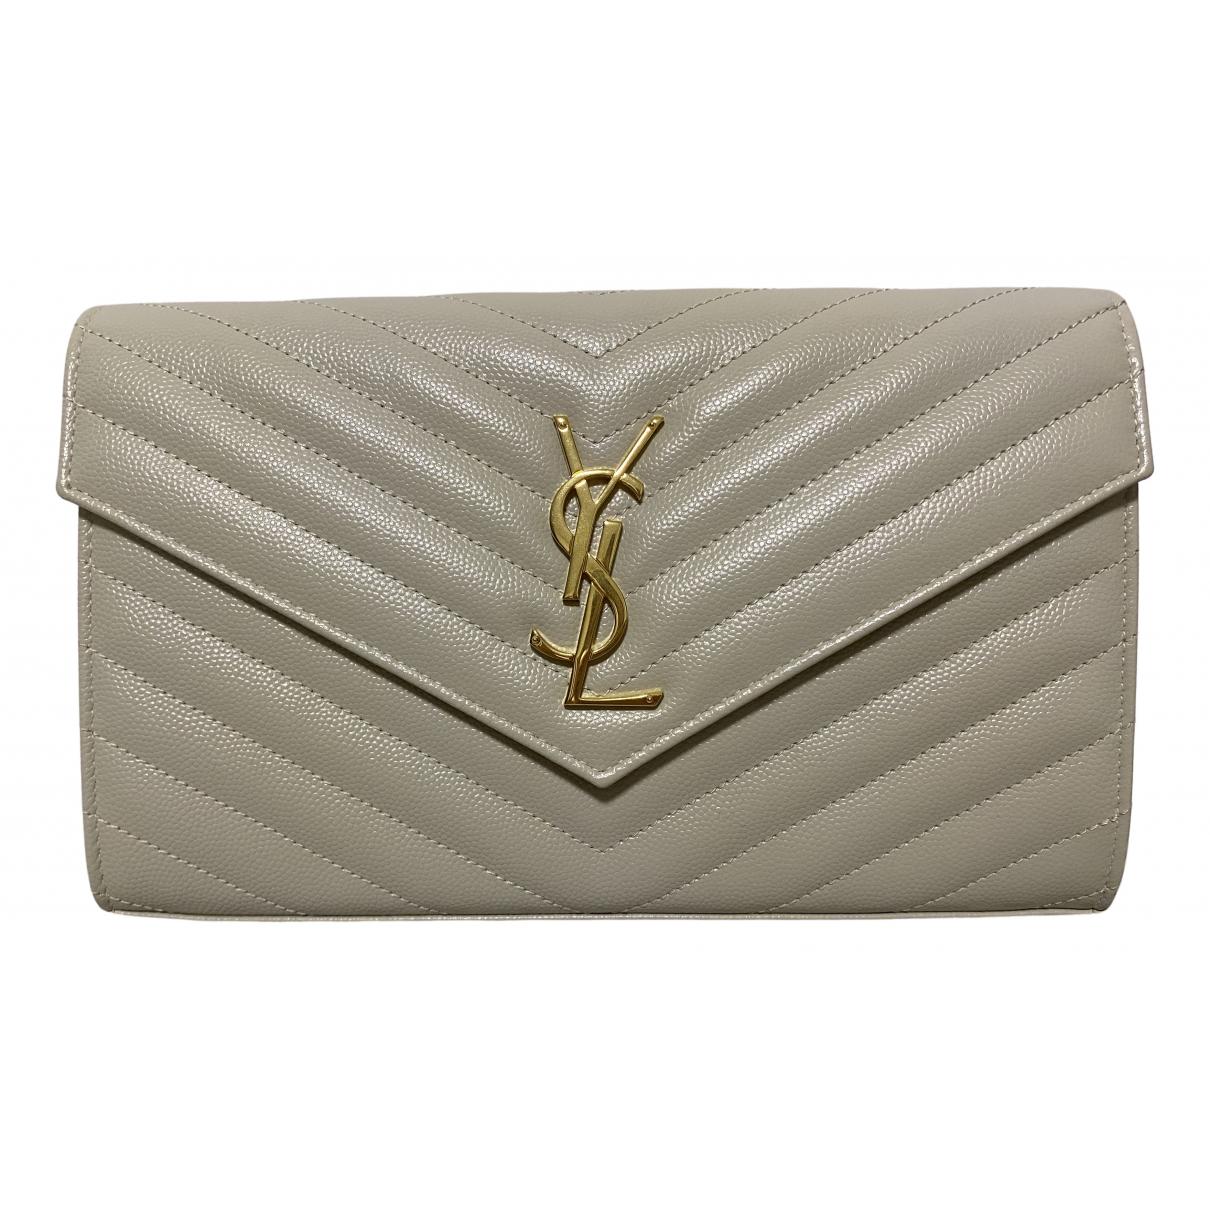 Saint Laurent Portefeuille enveloppe White Leather handbag for Women N